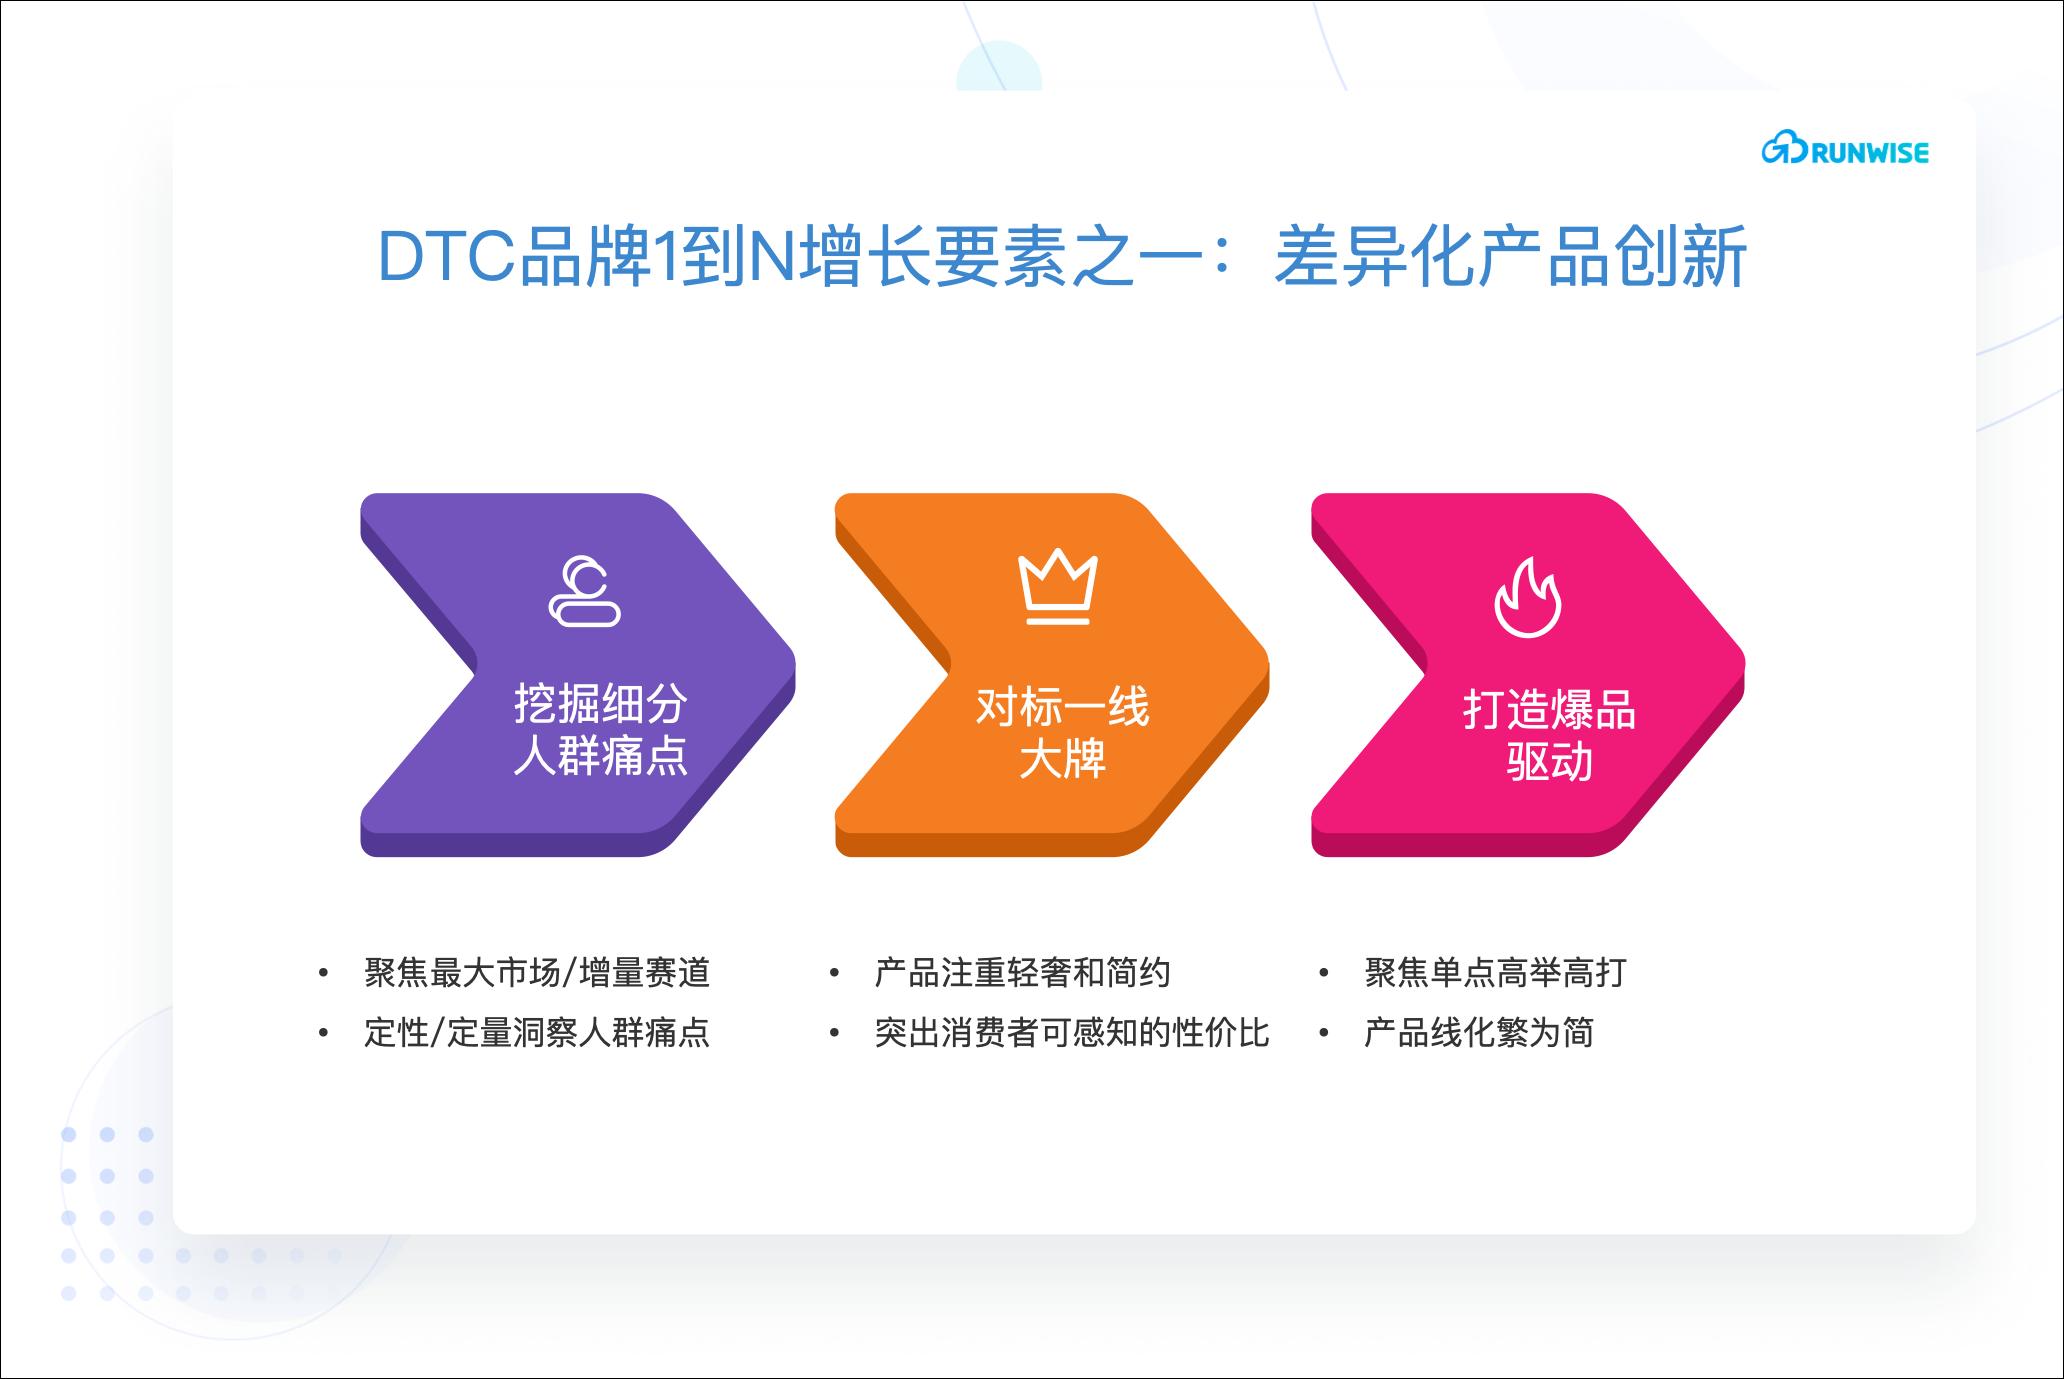 DTC品牌1到N增长-产品差异化